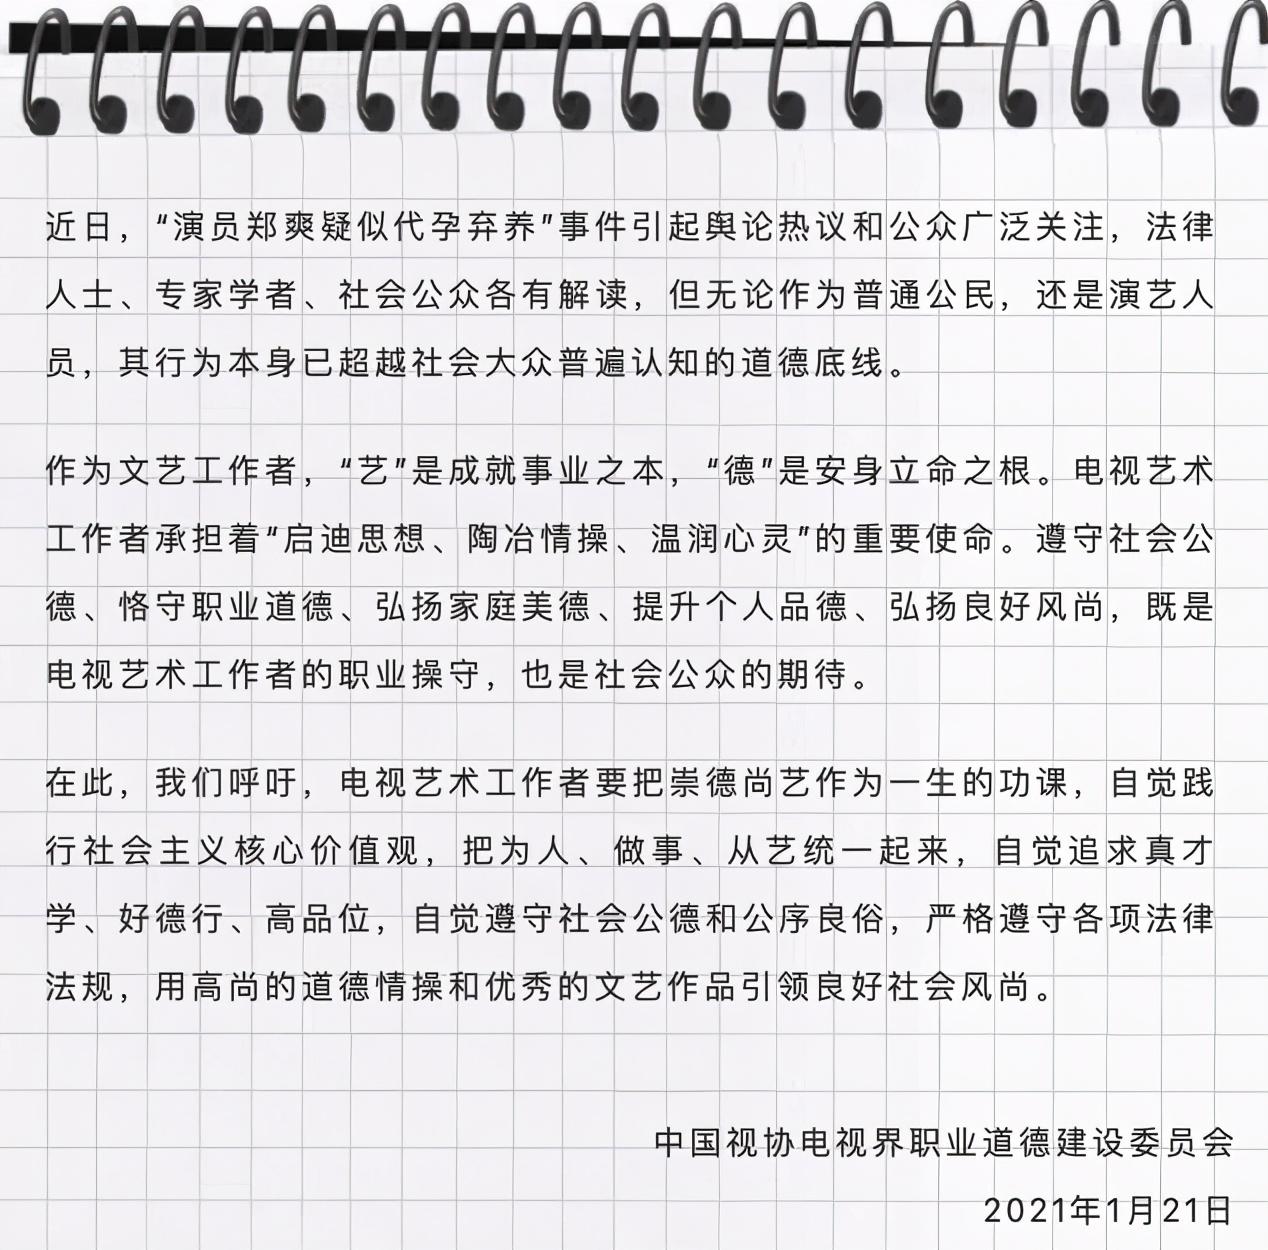 中国视协称郑爽超越道德底线!评论区不再只是指责郑爽一人